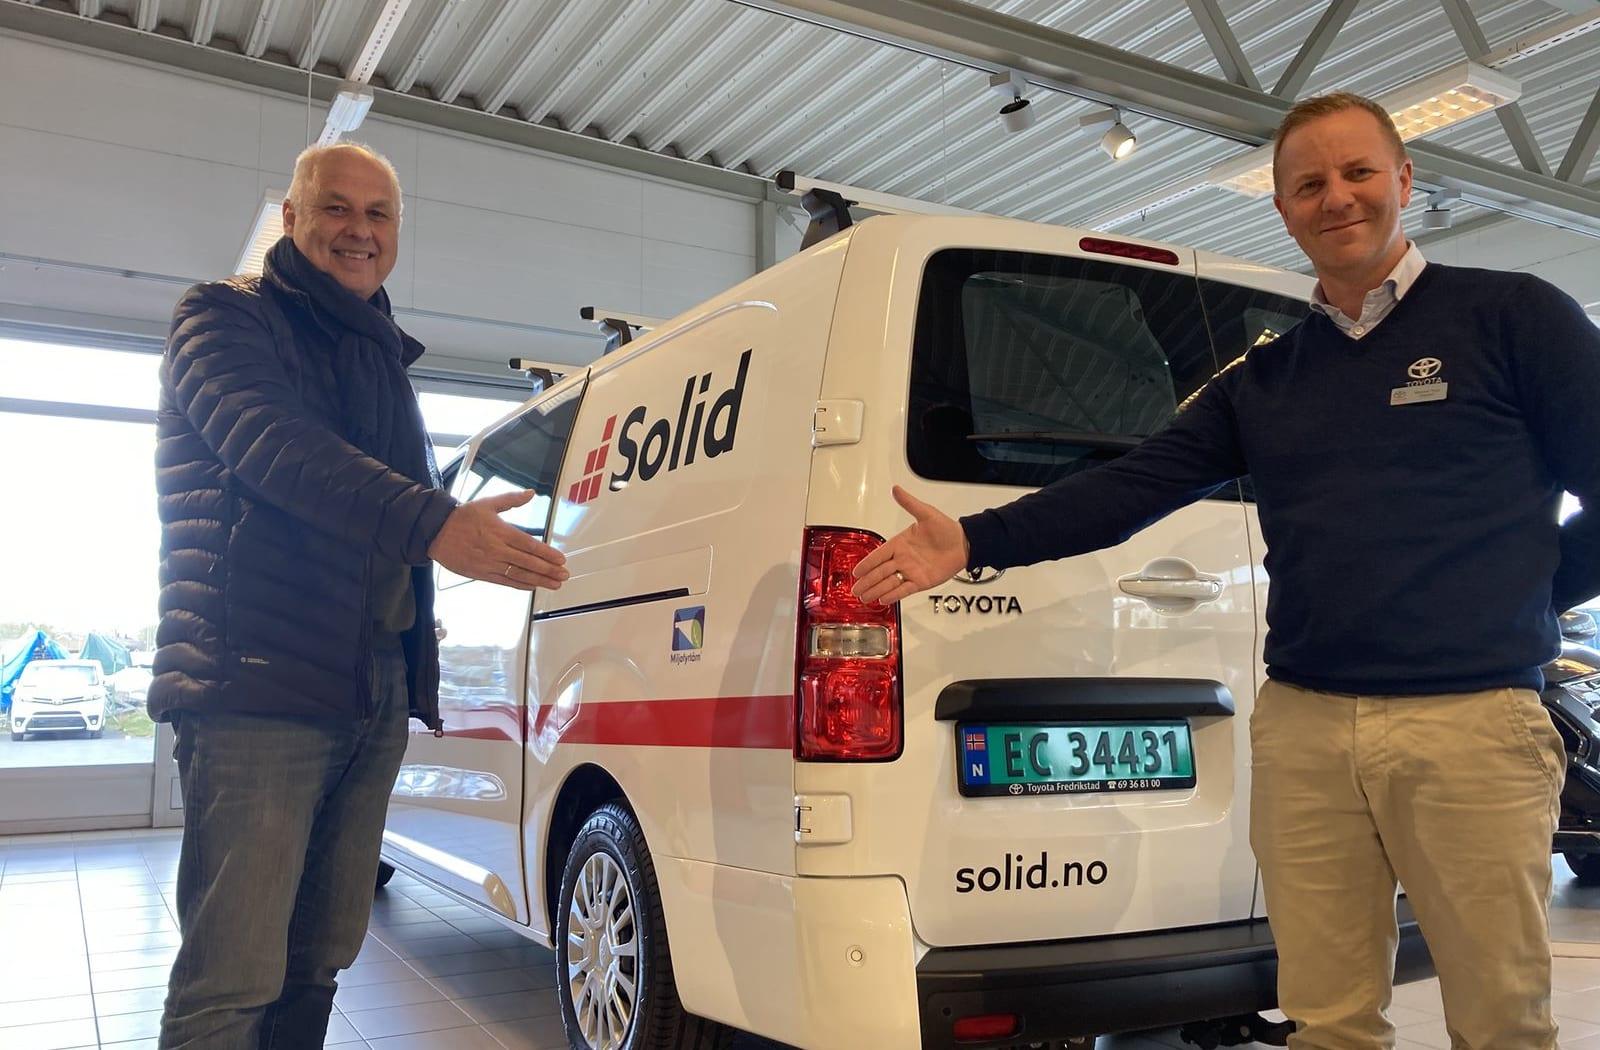 Solid Entreprenør velger elektriske biler for fremtiden